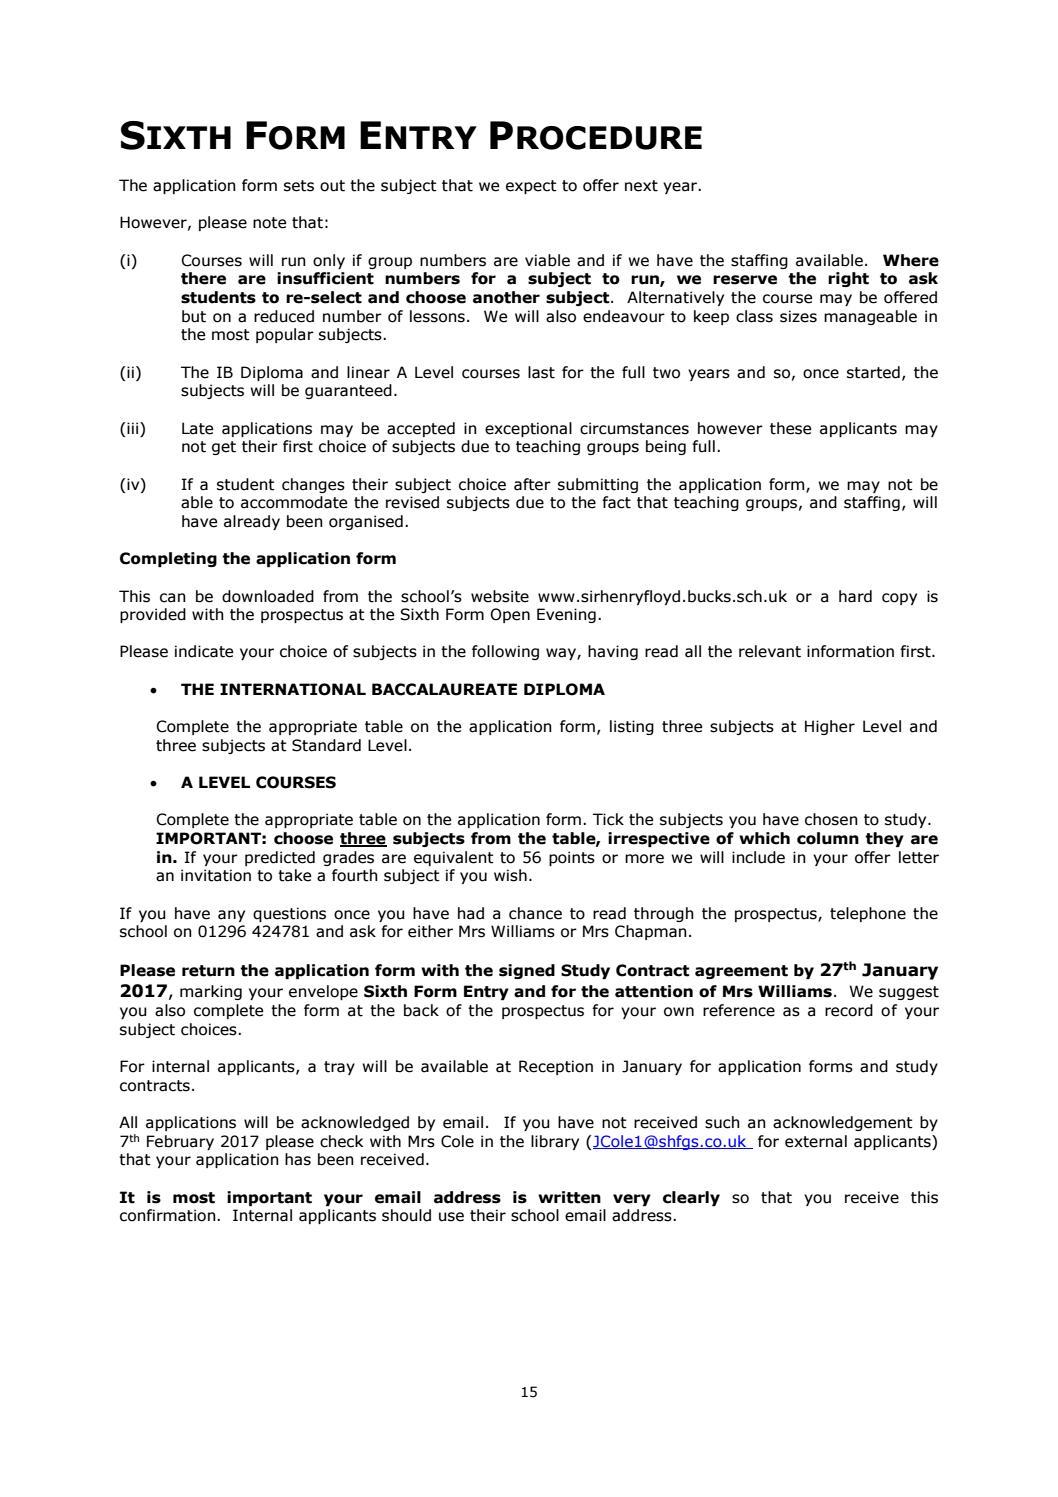 Sir henry floyd grammar school sixth form prospectus 2017 by fse sir henry floyd grammar school sixth form prospectus 2017 by fse design issuu falaconquin